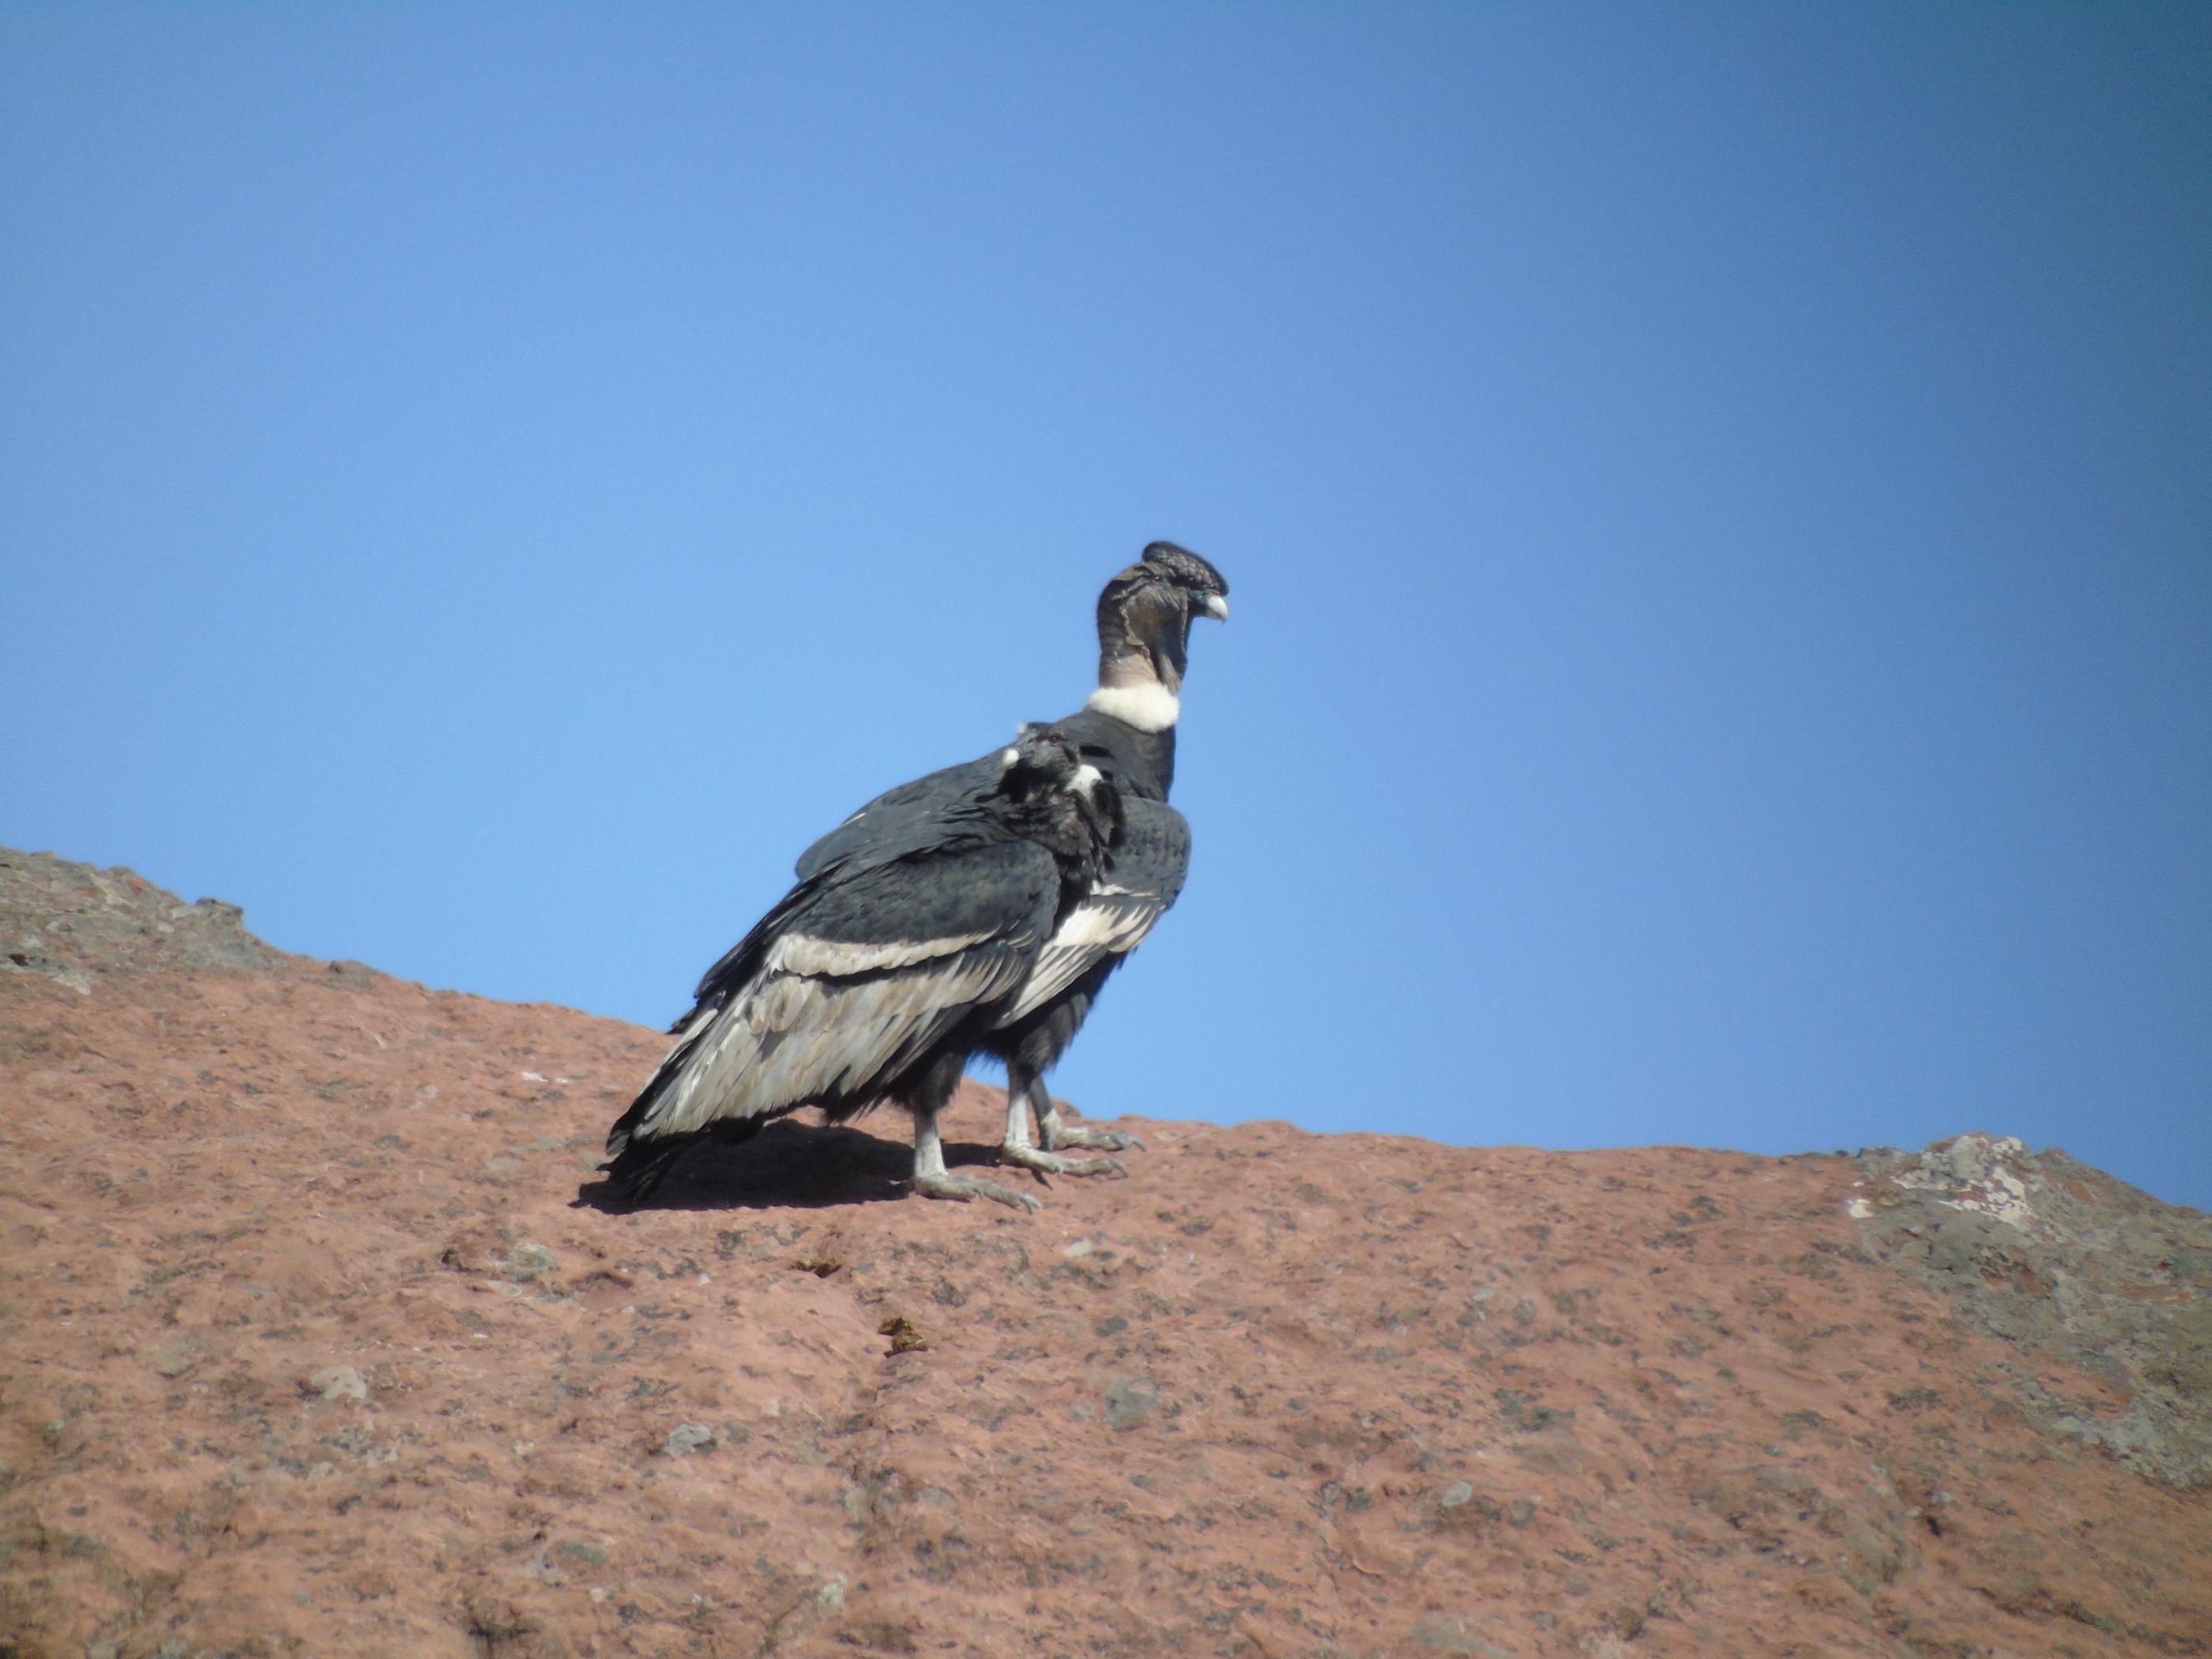 El cóndor es un ave emblemática en Bolivia considerado en la ritualidad andina. Foto: Diego Méndez.